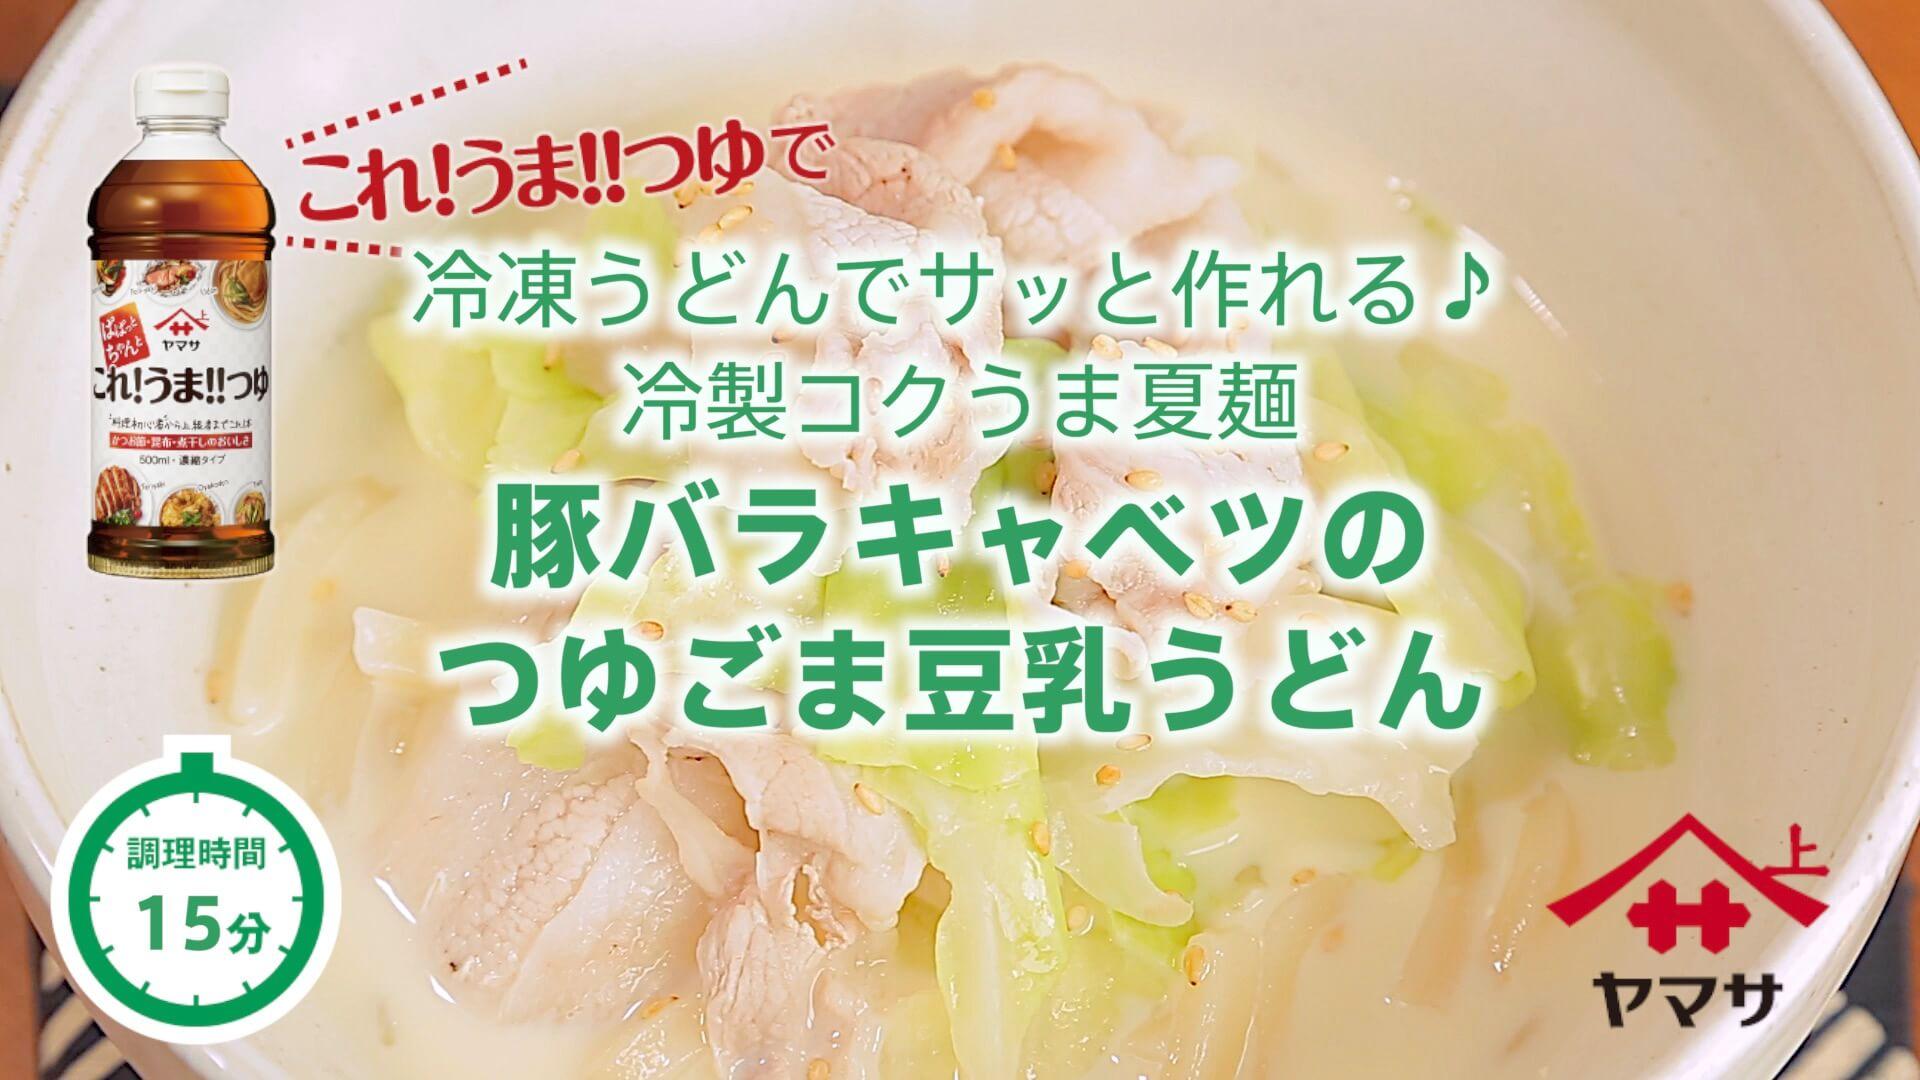 豚バラキャベツのつゆごま豆乳うどん